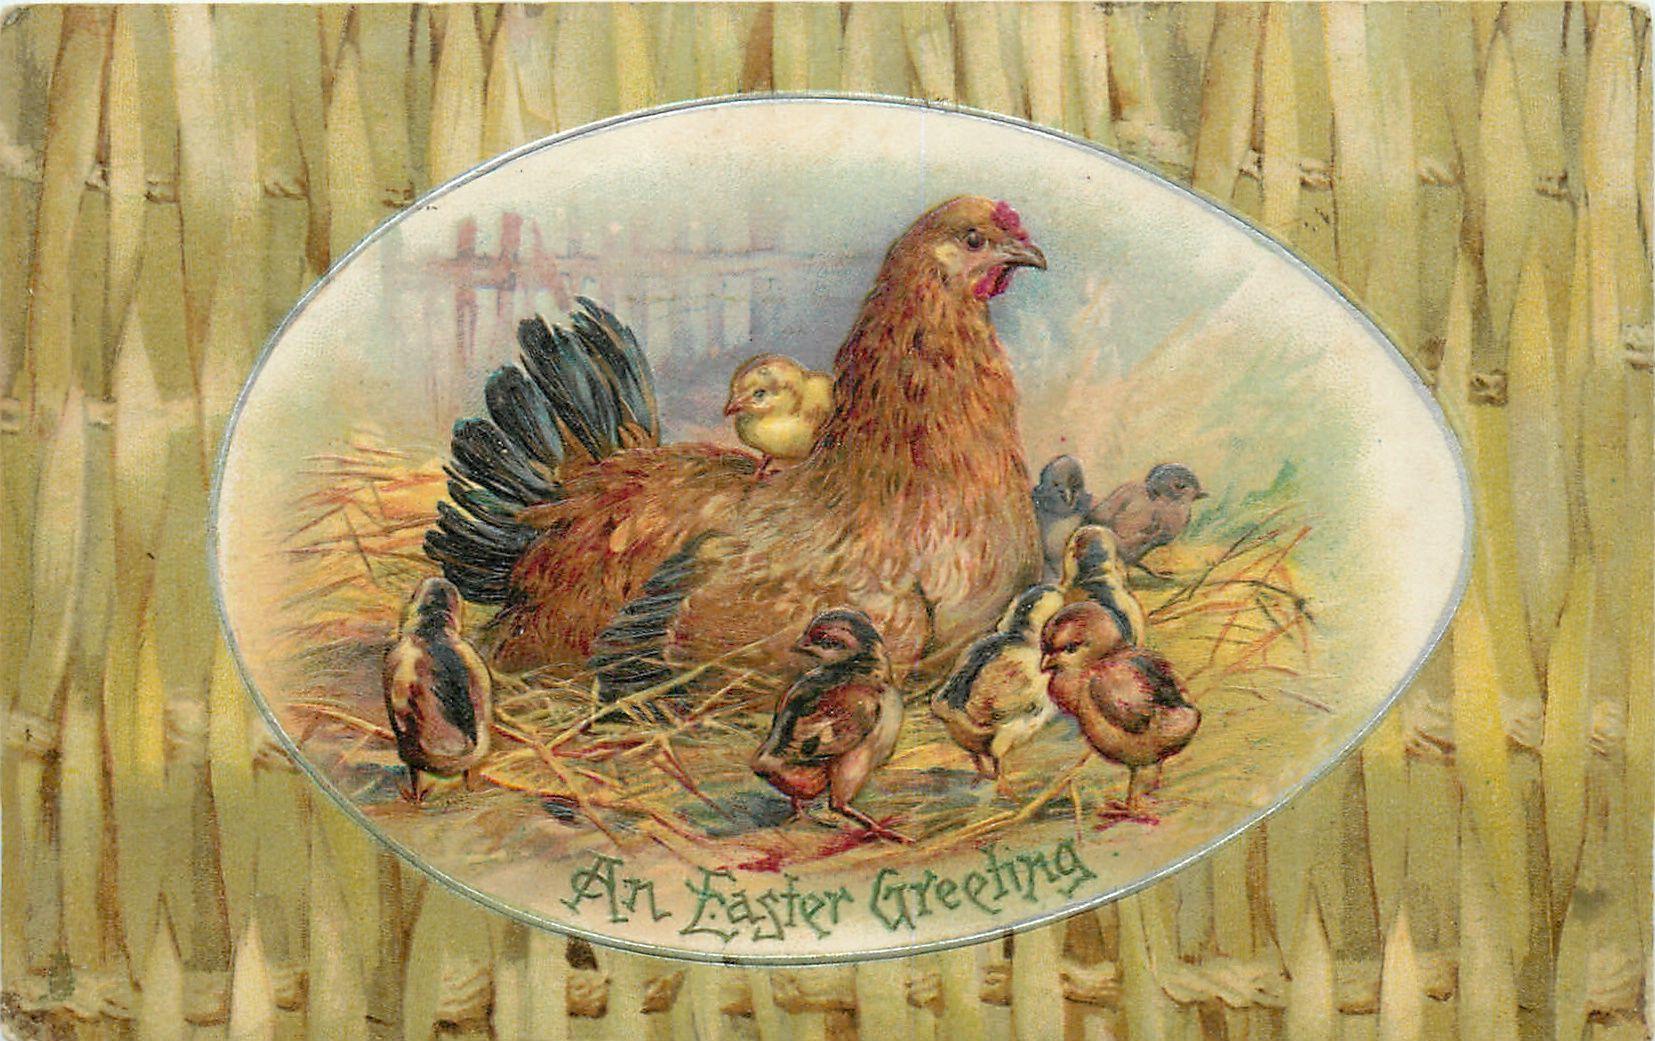 Пасхальный ПРИВЕТСТВИЕ яйцевидной формы вставка из курицы на гнездо с птенцами вокруг, плетеный забор объемного звучания